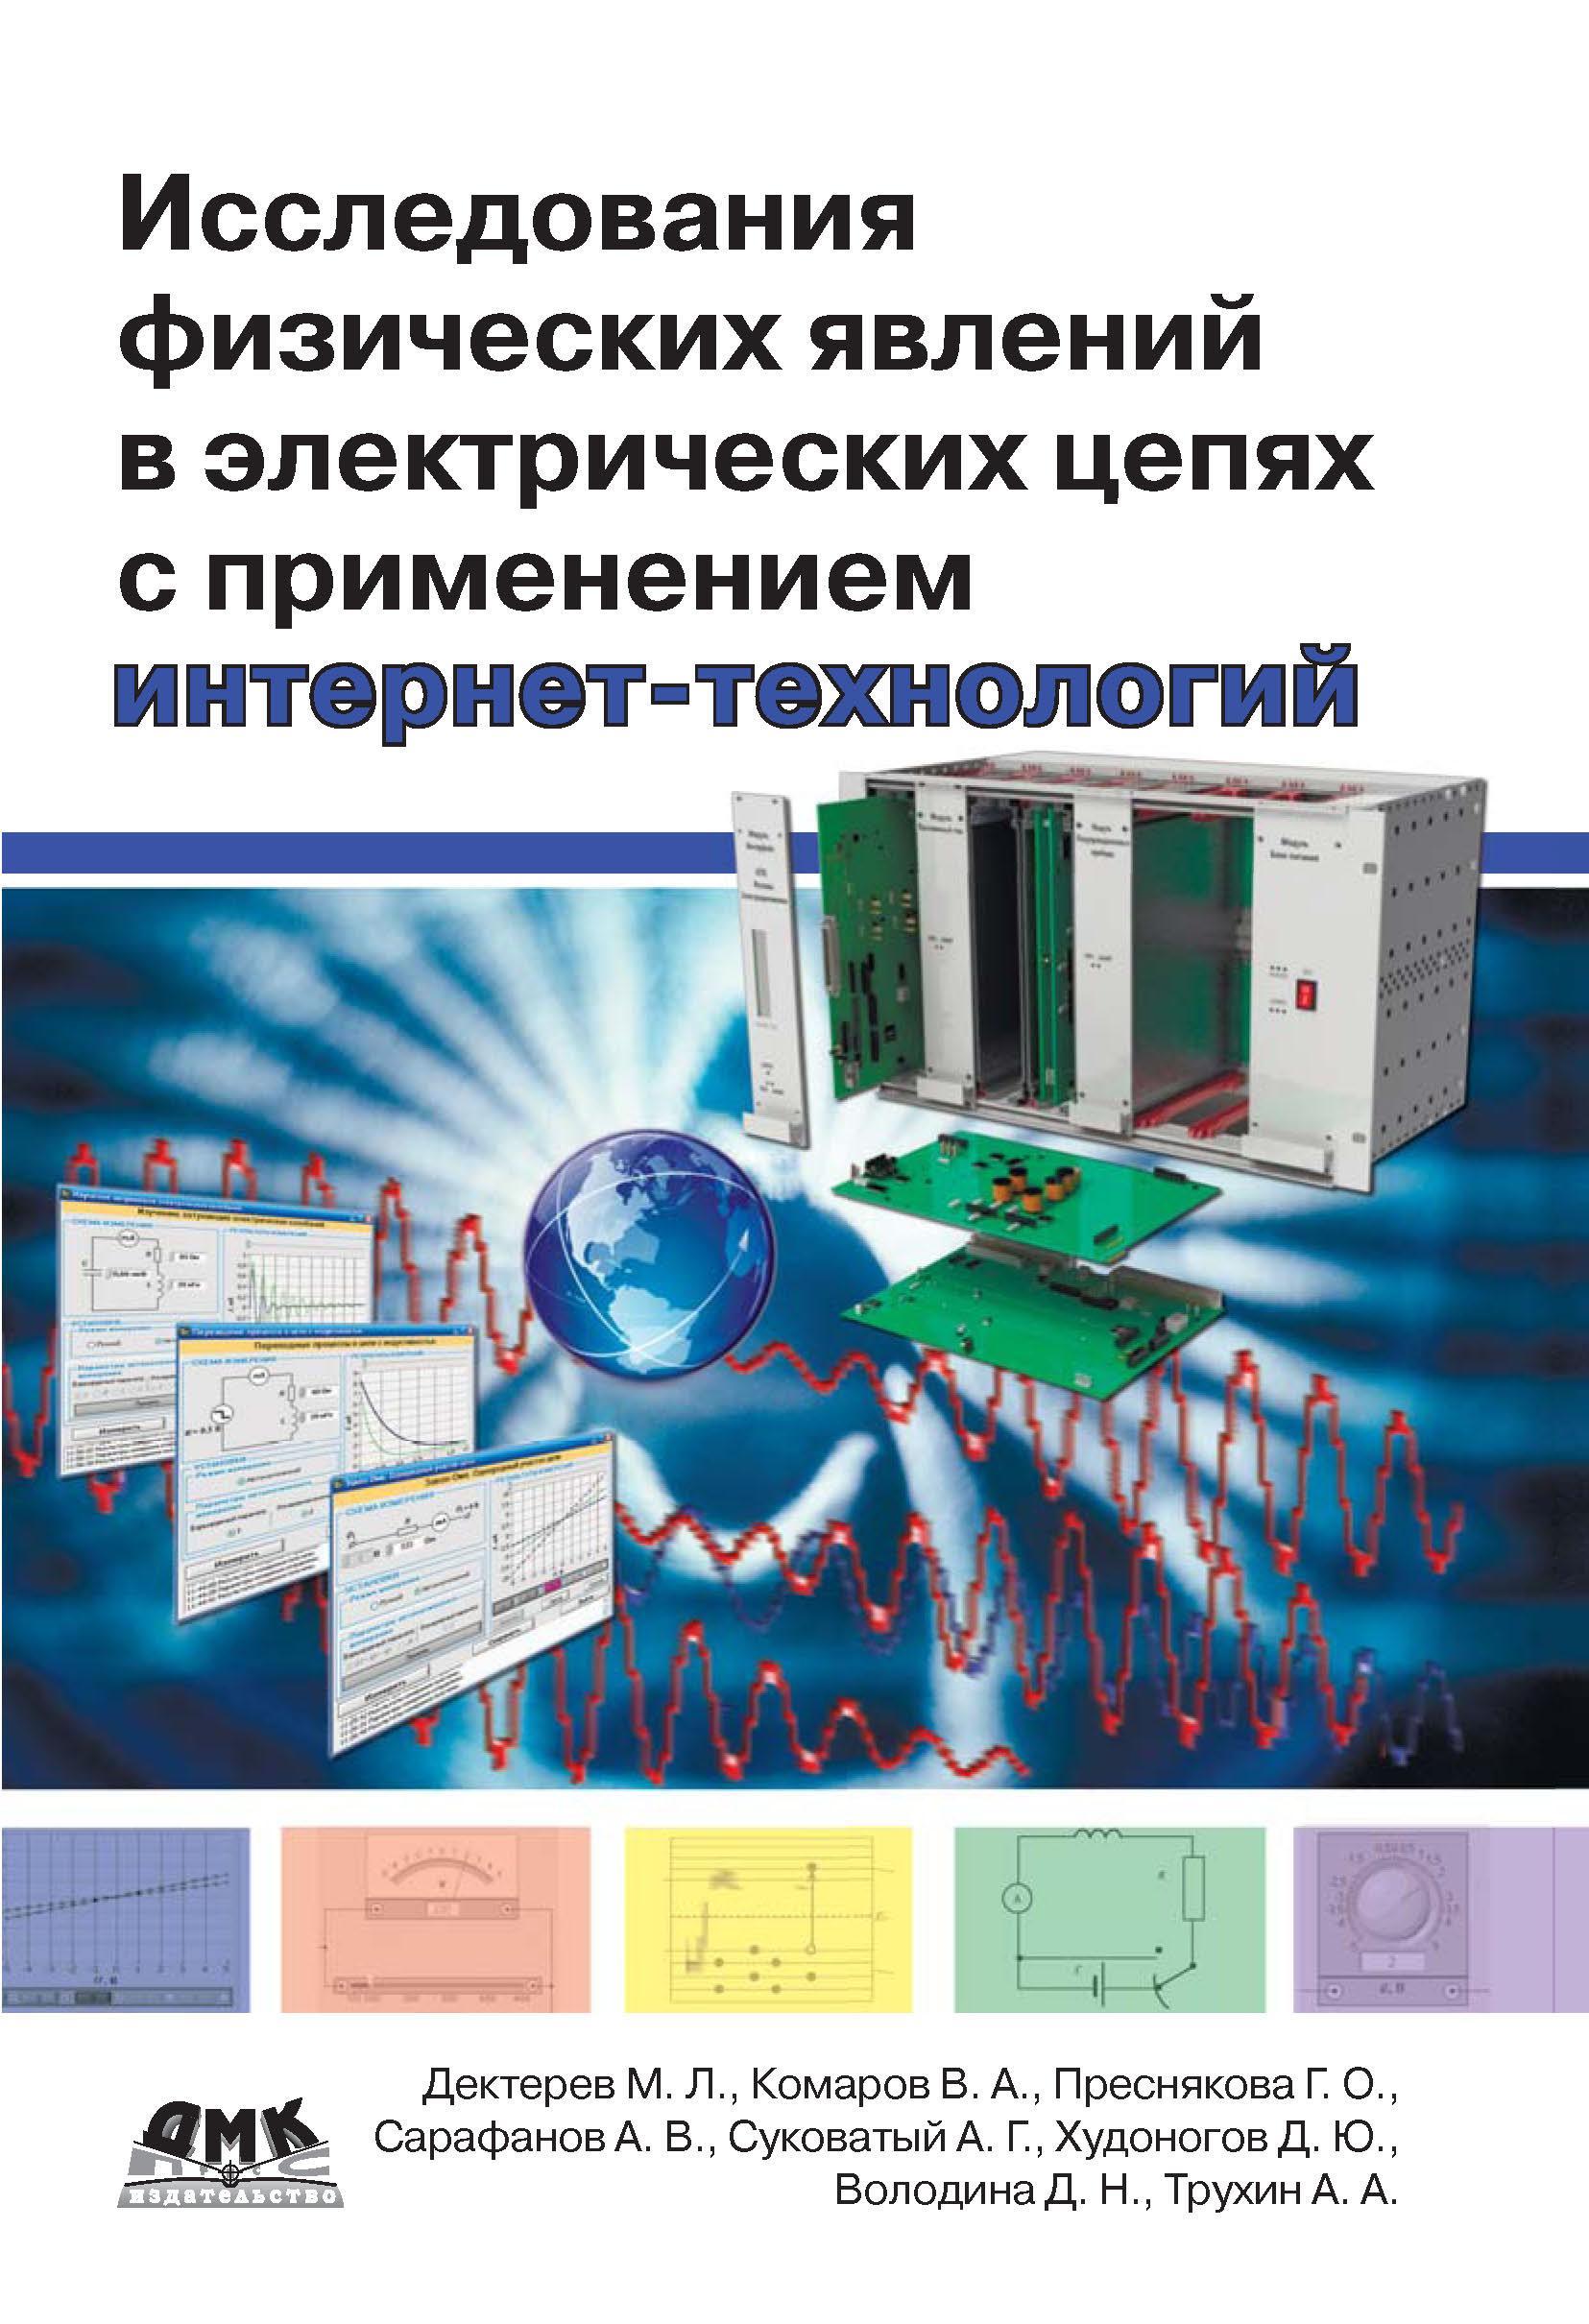 Исследования физических явлений в электрических цепях с применением интернет-технологий